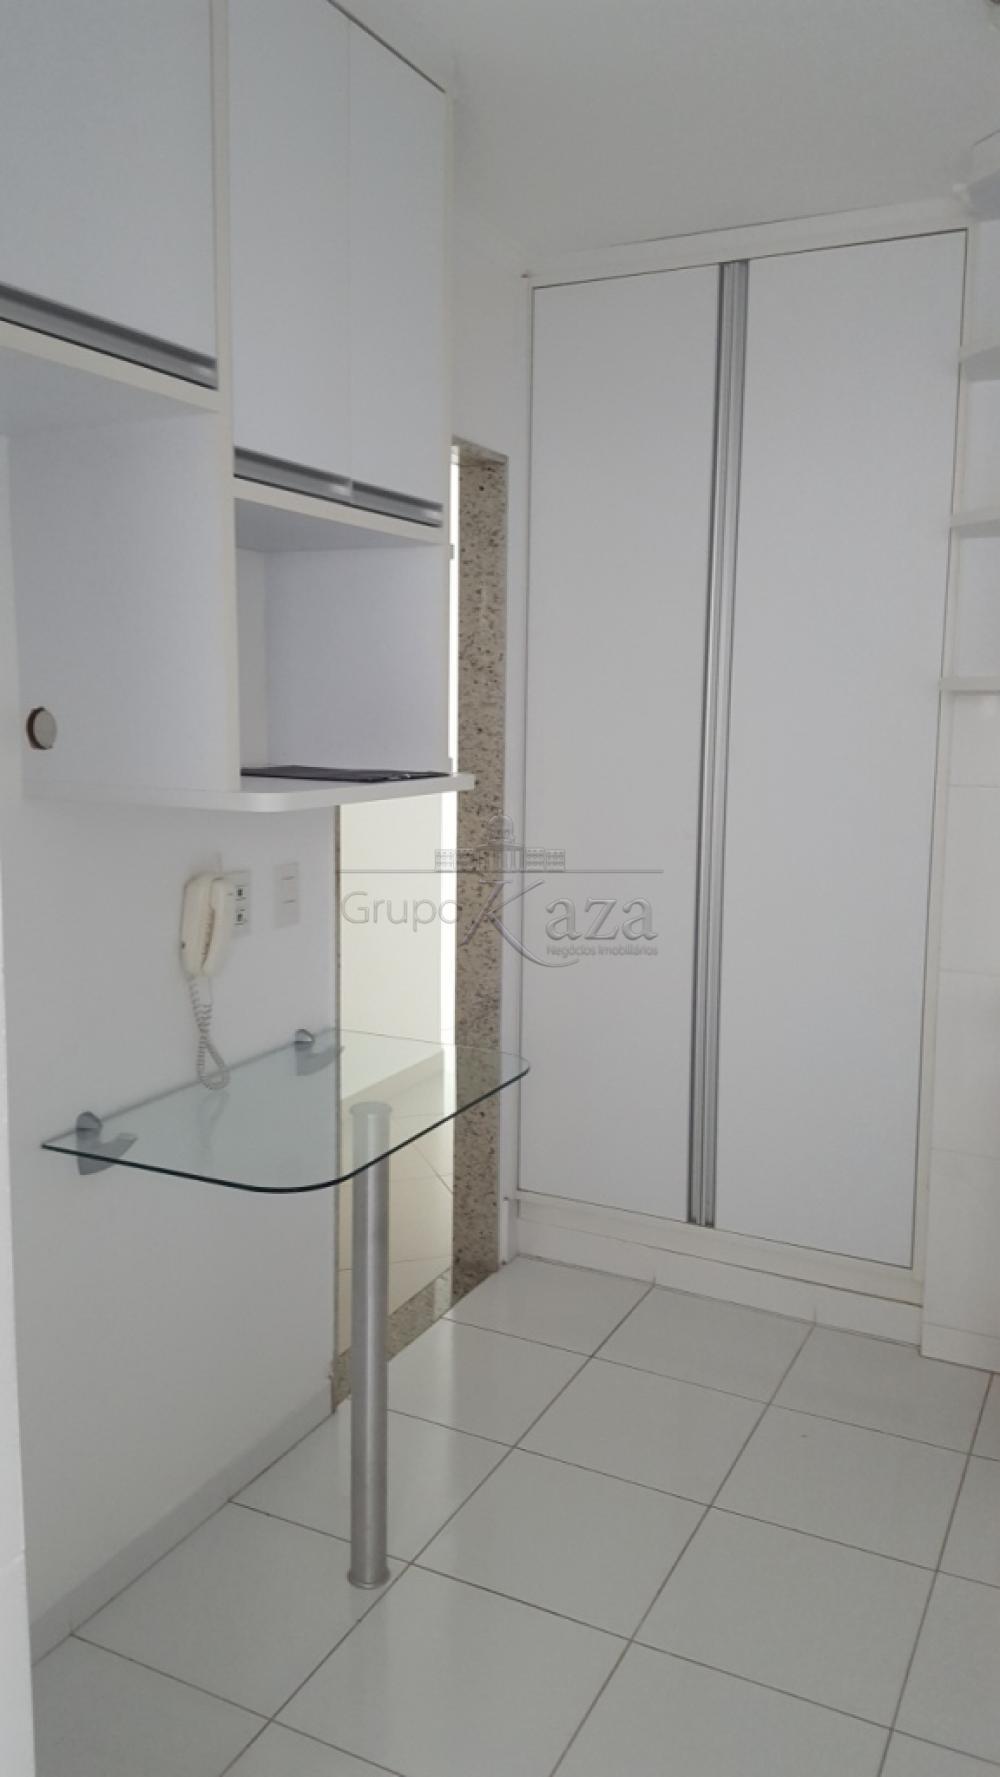 Alugar Apartamento / Padrão em São José dos Campos apenas R$ 2.000,00 - Foto 6